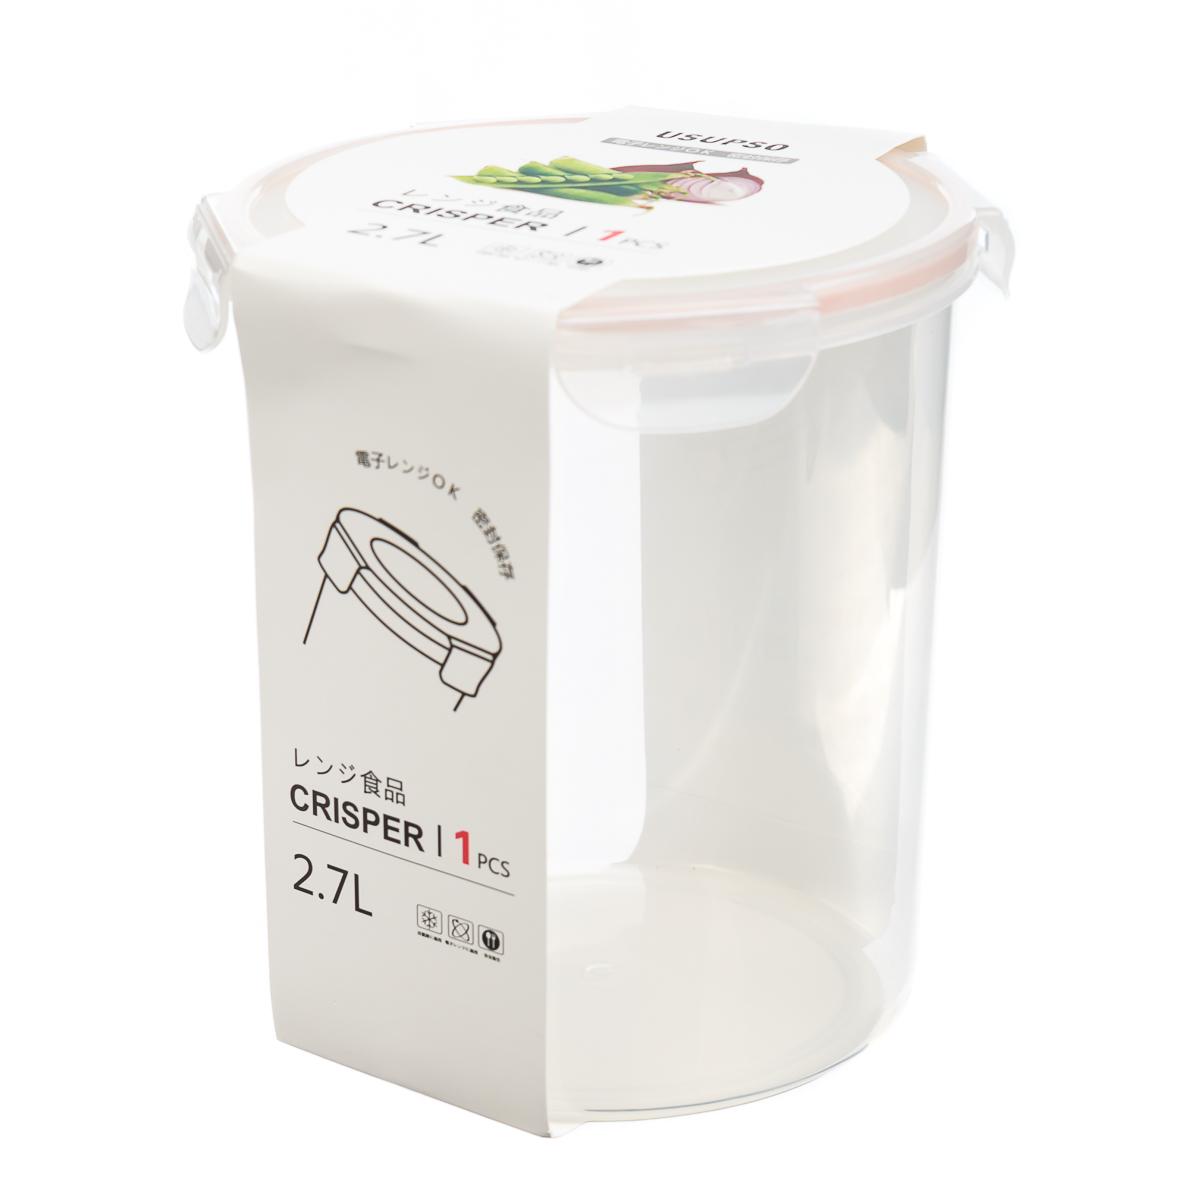 контейнер харчової 2700 мл арт.4712101239002